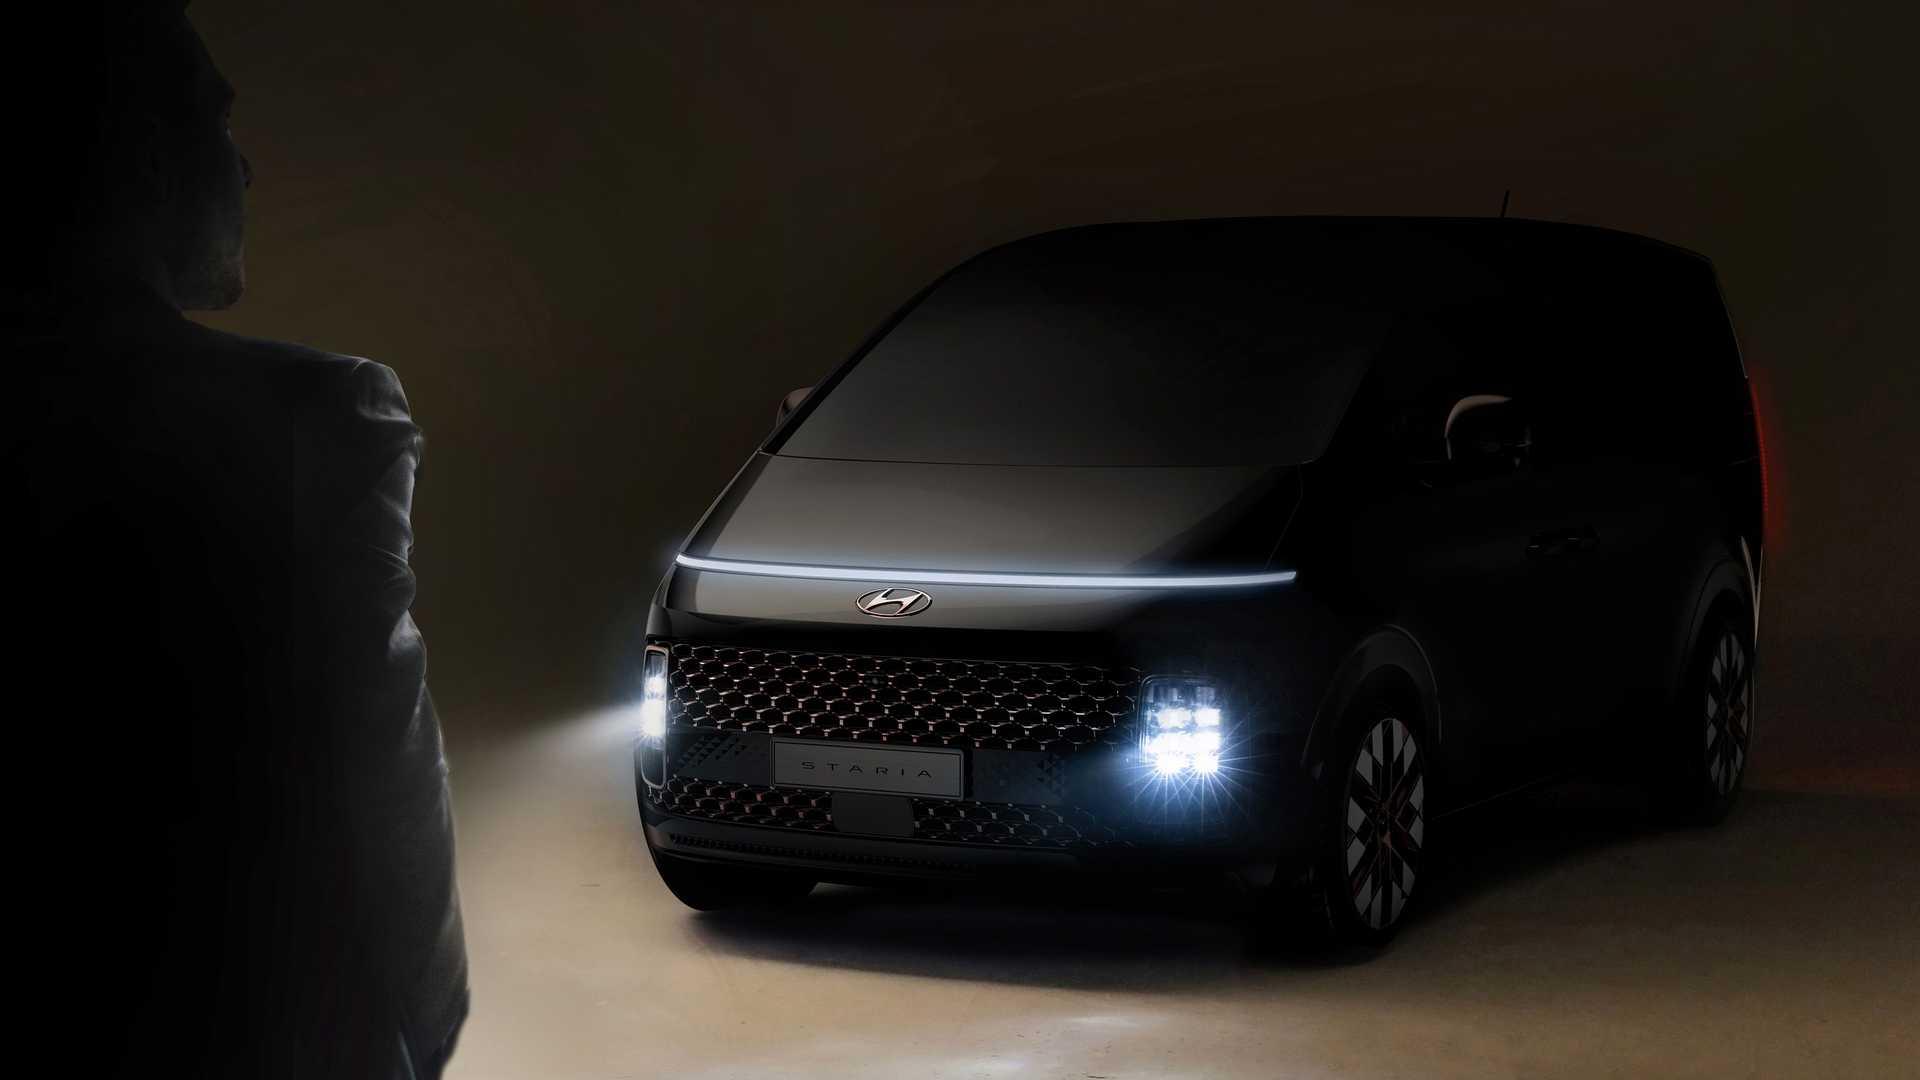 Η Hyundai παρουσίασε το πιο όμορφο βαν που έχουμε δει μέχρι σήμερα! (pics)